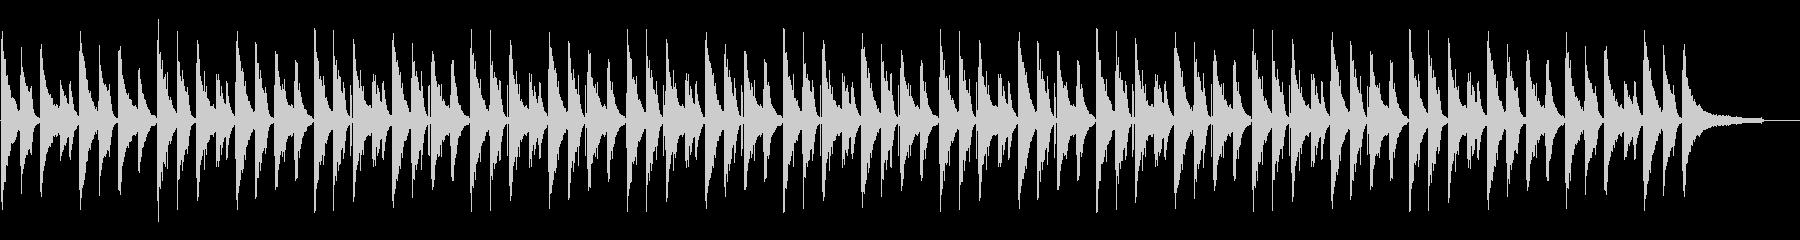 ピアノがきれいなチルホップの未再生の波形